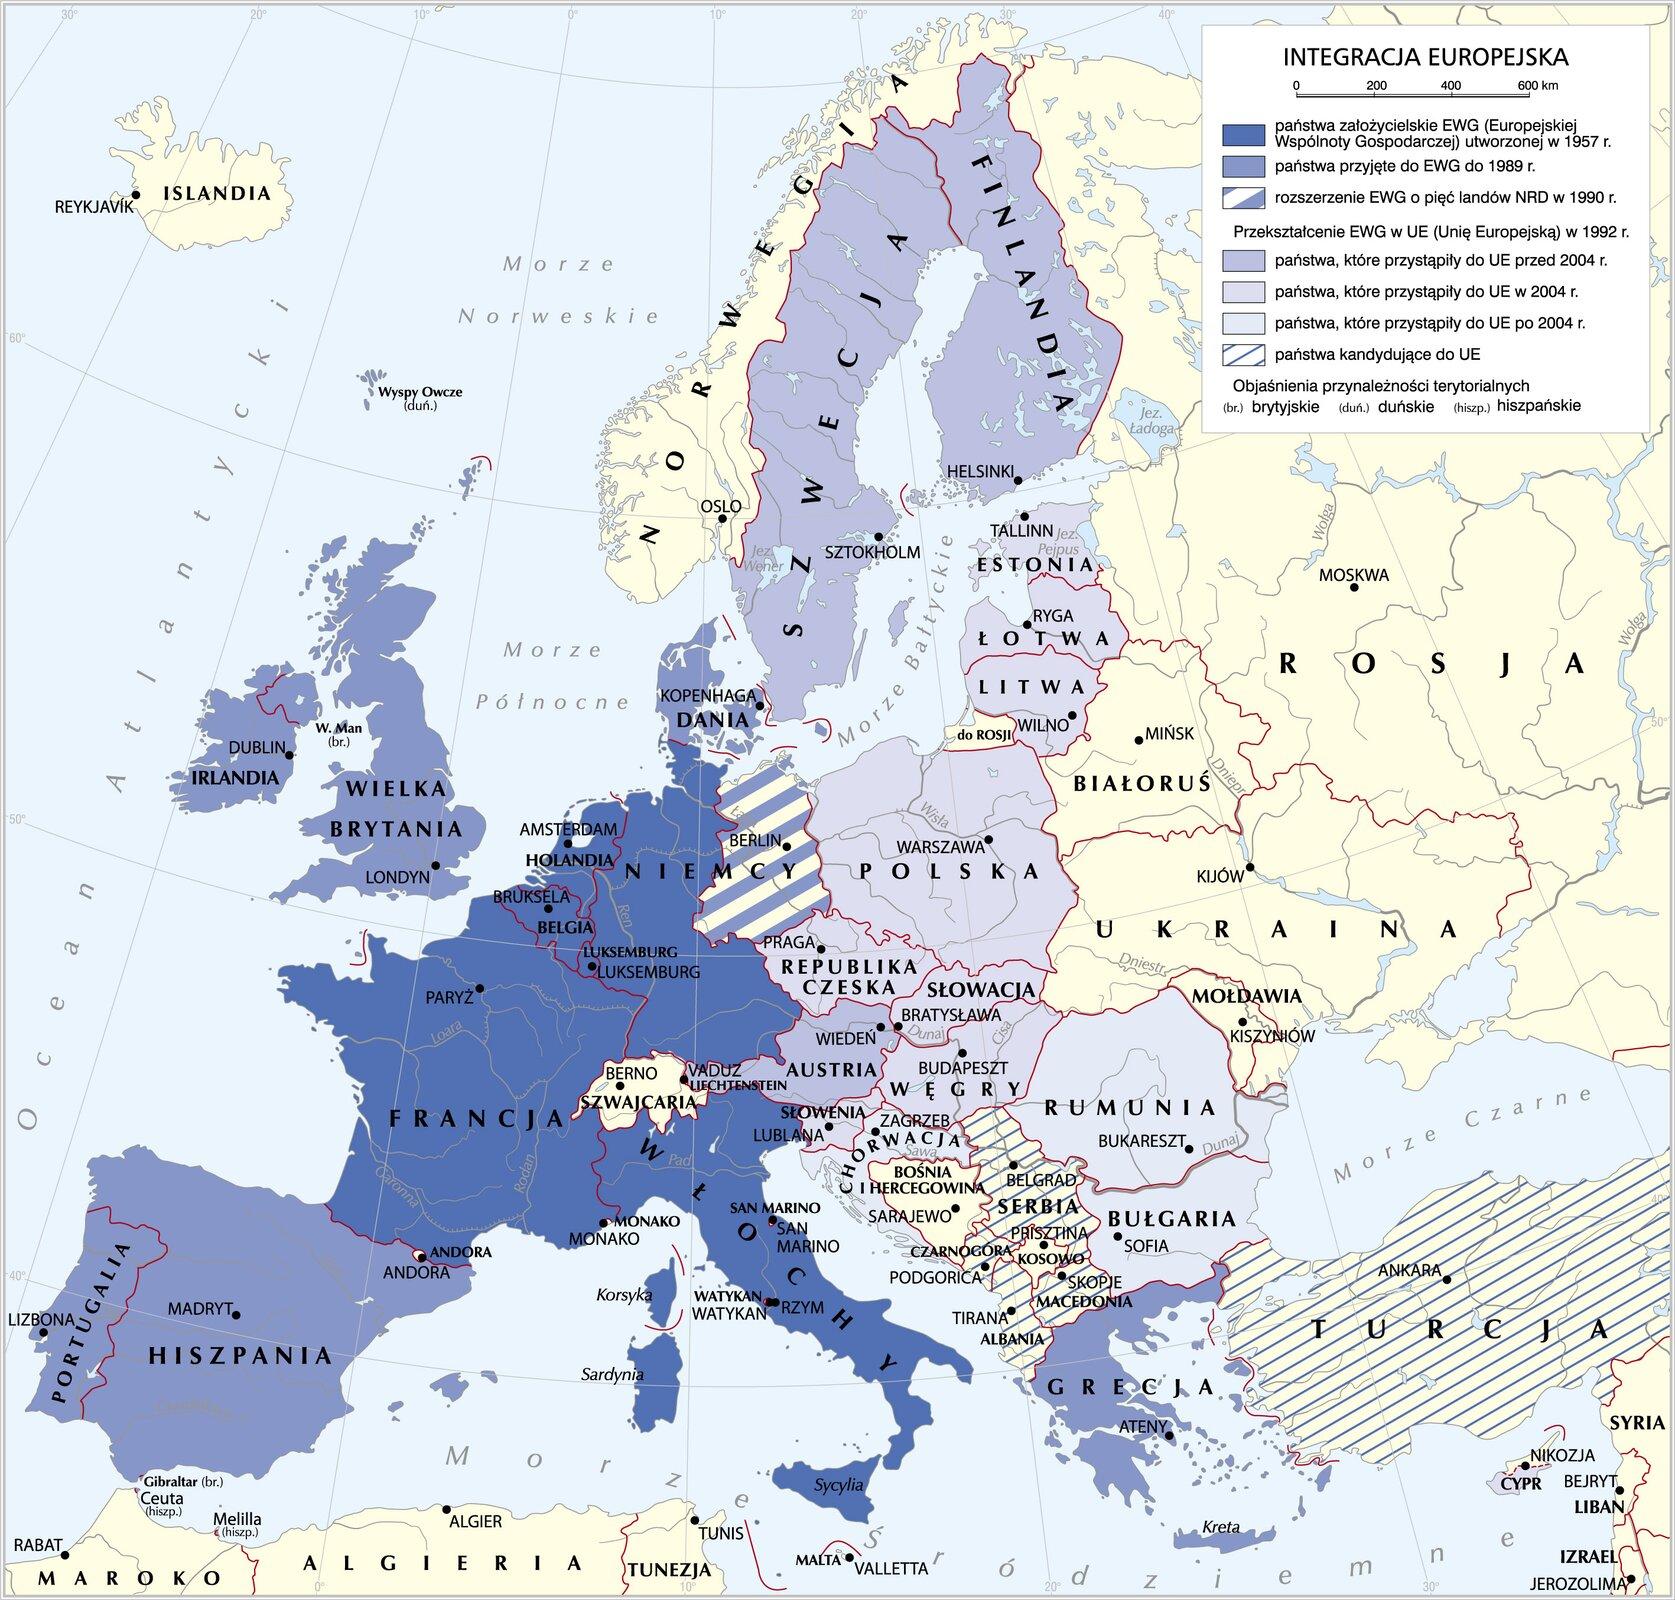 Integracja europejska Integracja europejska Źródło: Krystian Chariza izespół, licencja: CC BY 4.0.